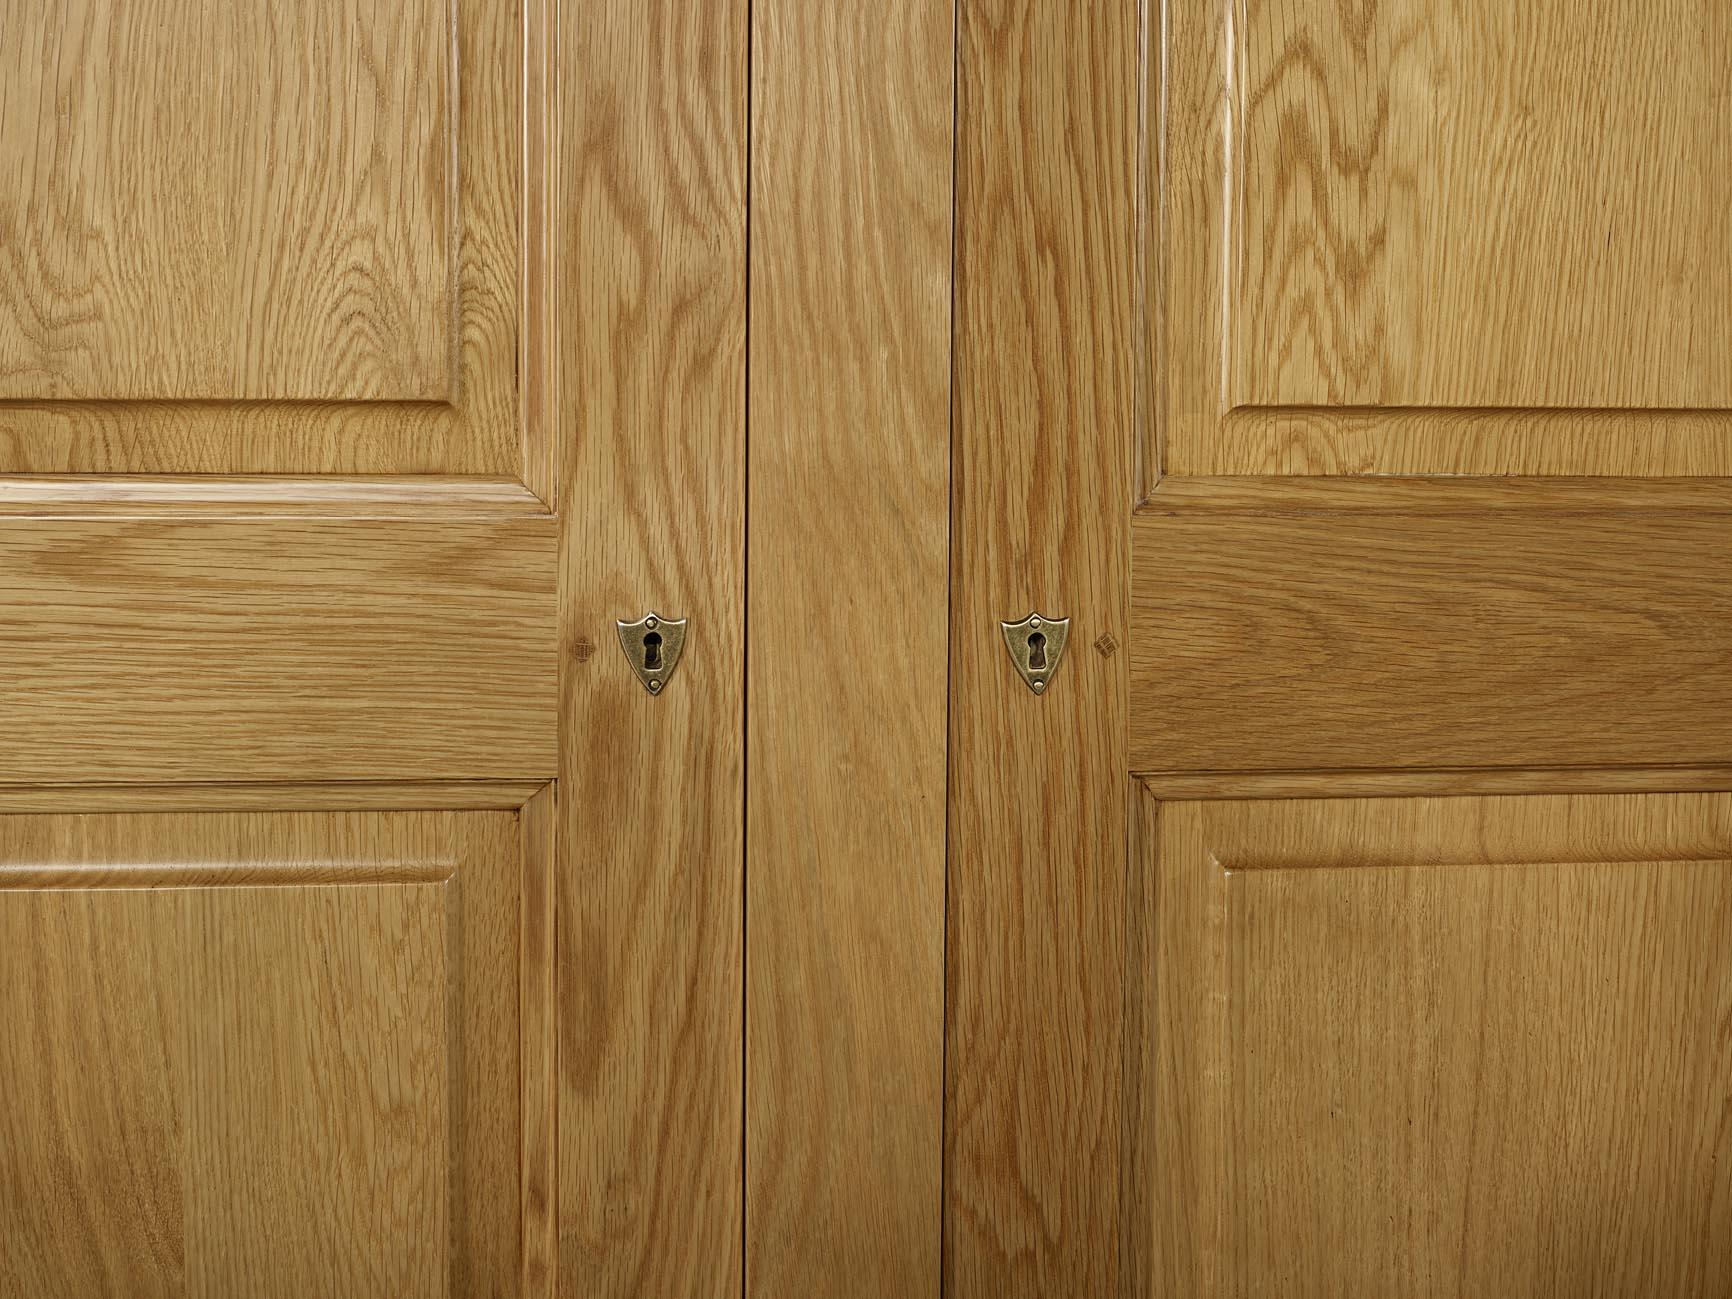 Armoire 2 portes en ch ne massif de style louis philippe meuble en ch ne ma - Armoire chene massif 2 portes ...